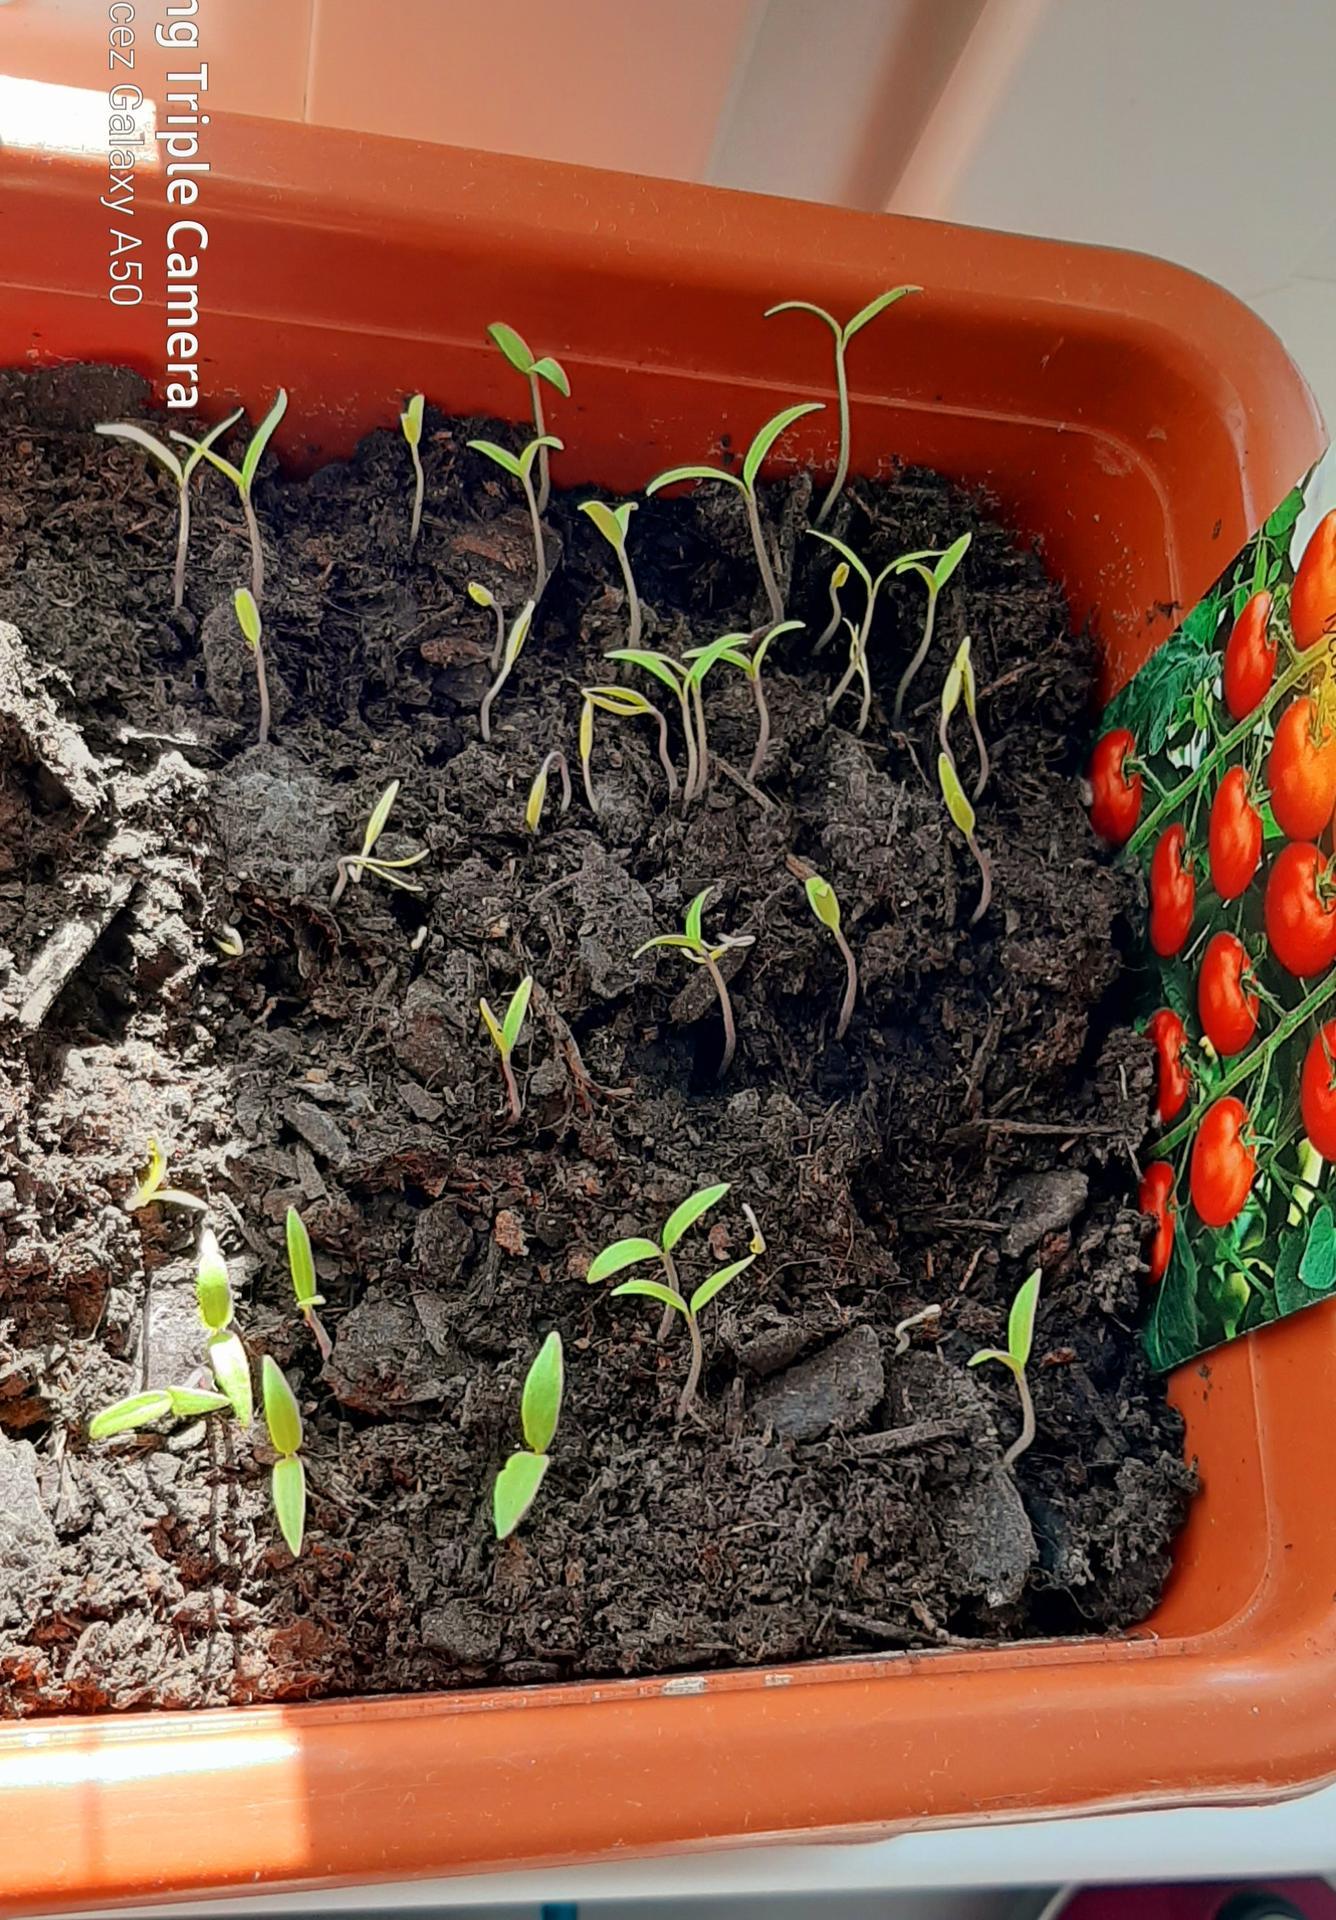 🏠🌞🌺❤🌷 Zahrada a jej dalsi rok...2020 🌱🐞🐛🦋🍓🥕🍅🌺❤ - Uz aj paradajky vykukli...